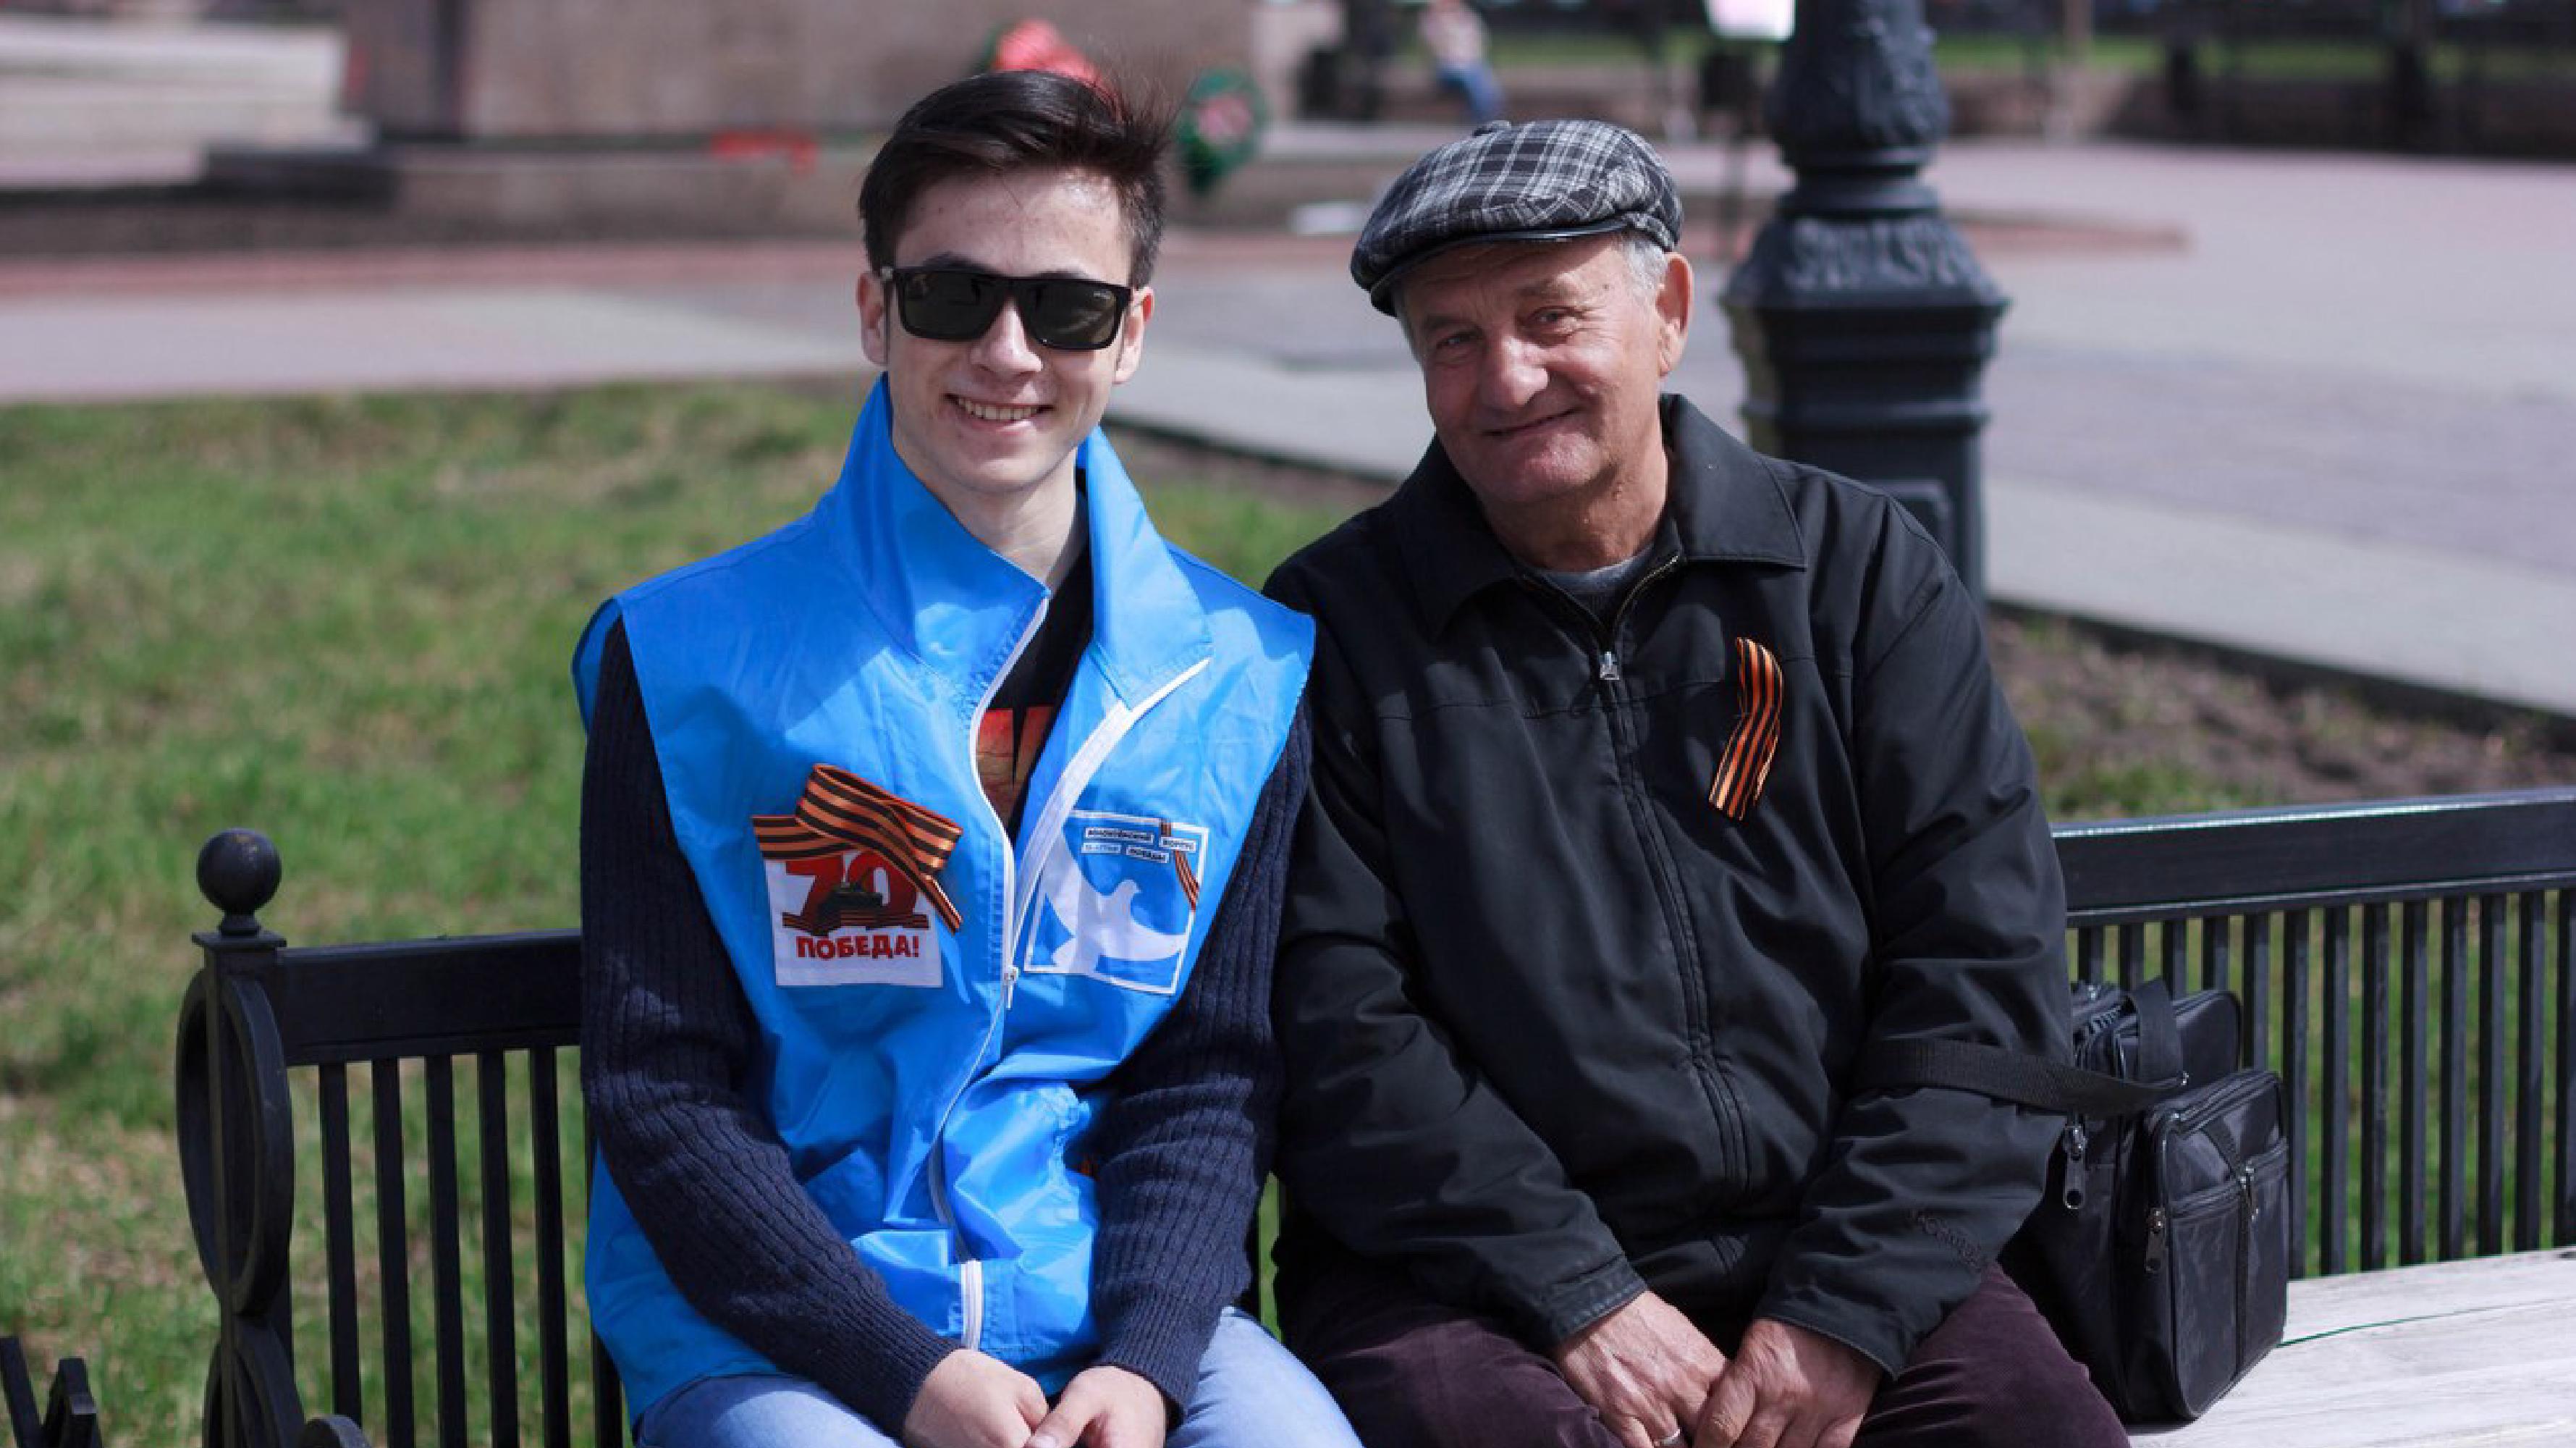 Массовая раздача лент жителям Челябинска пройдет  на Кировке